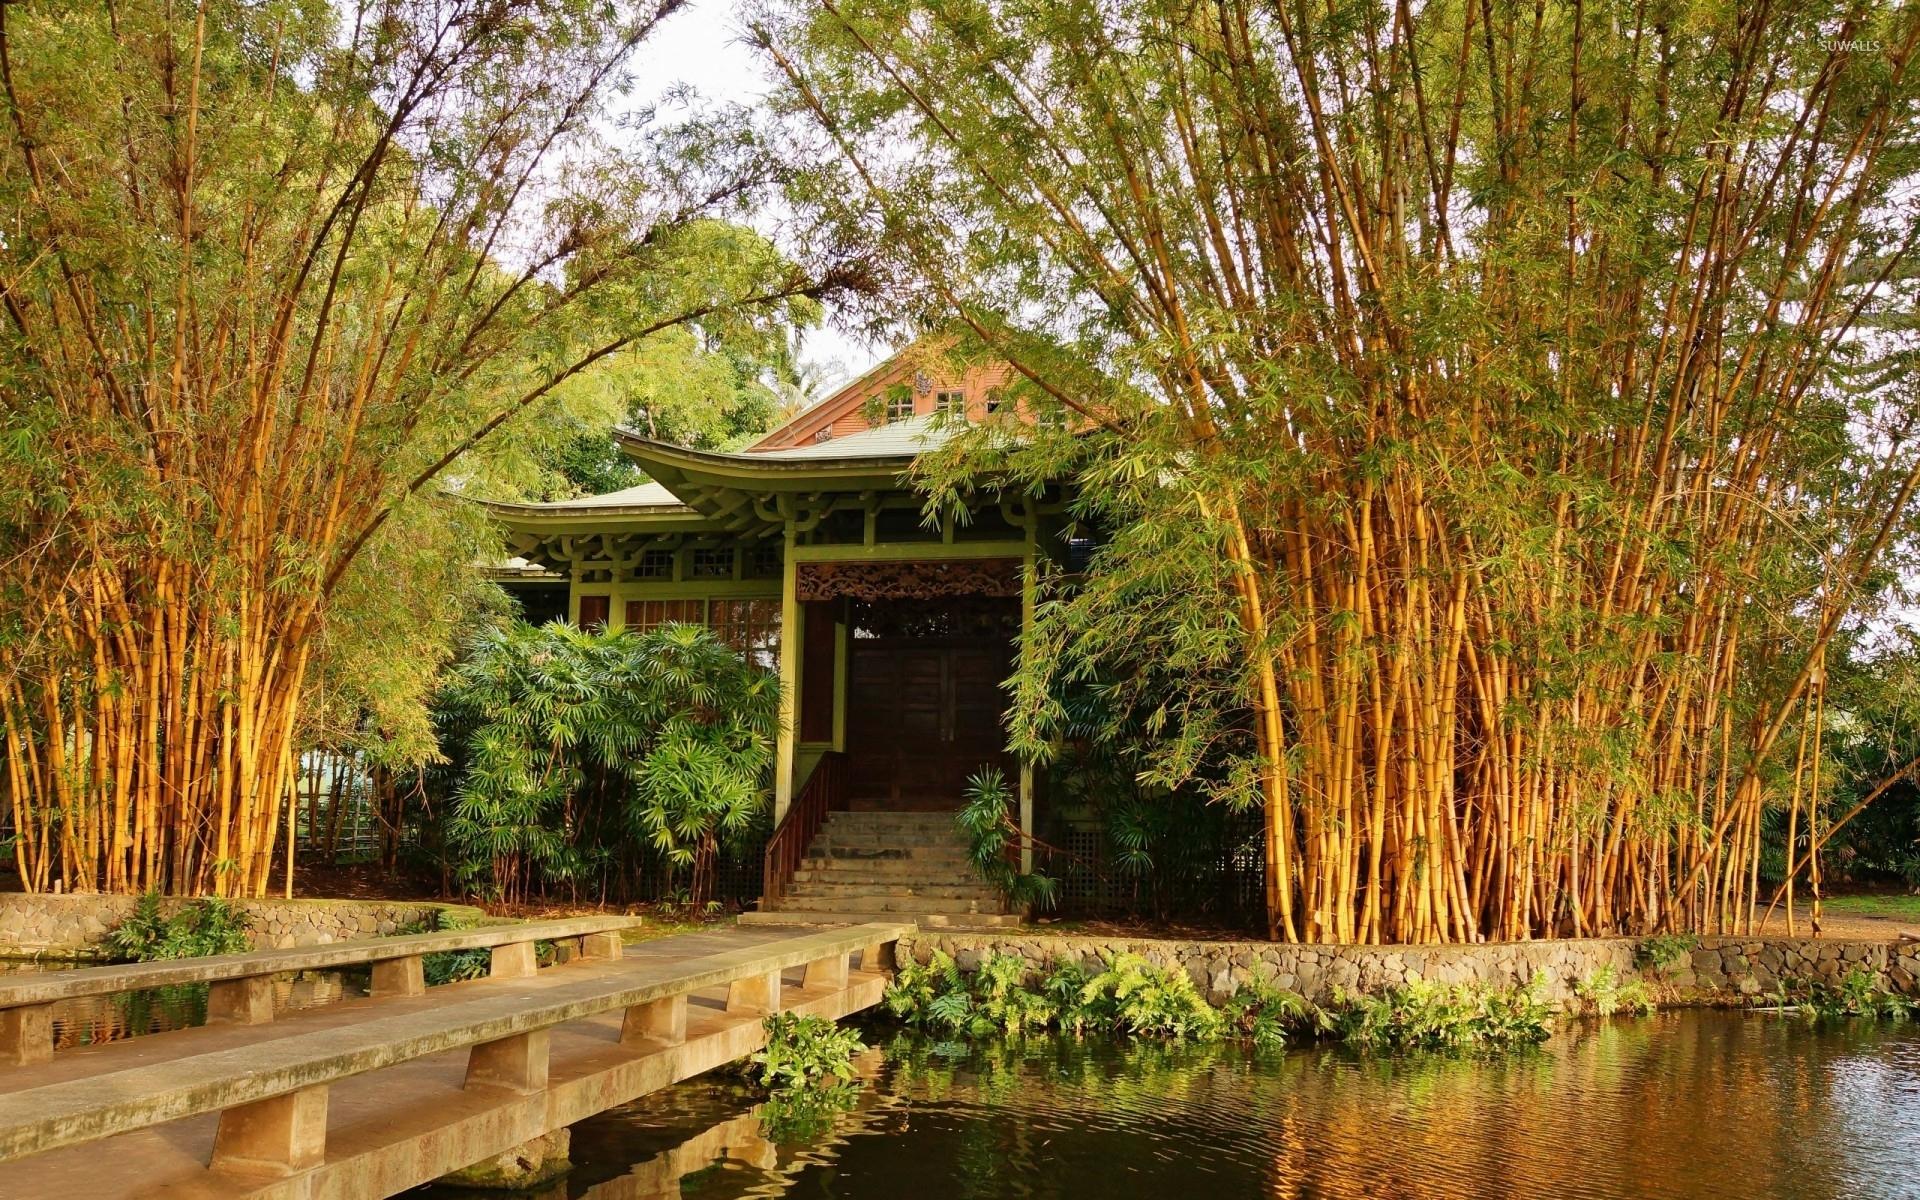 Bamboo trees in a japanese garden wallpaper nature for Bamboo garden